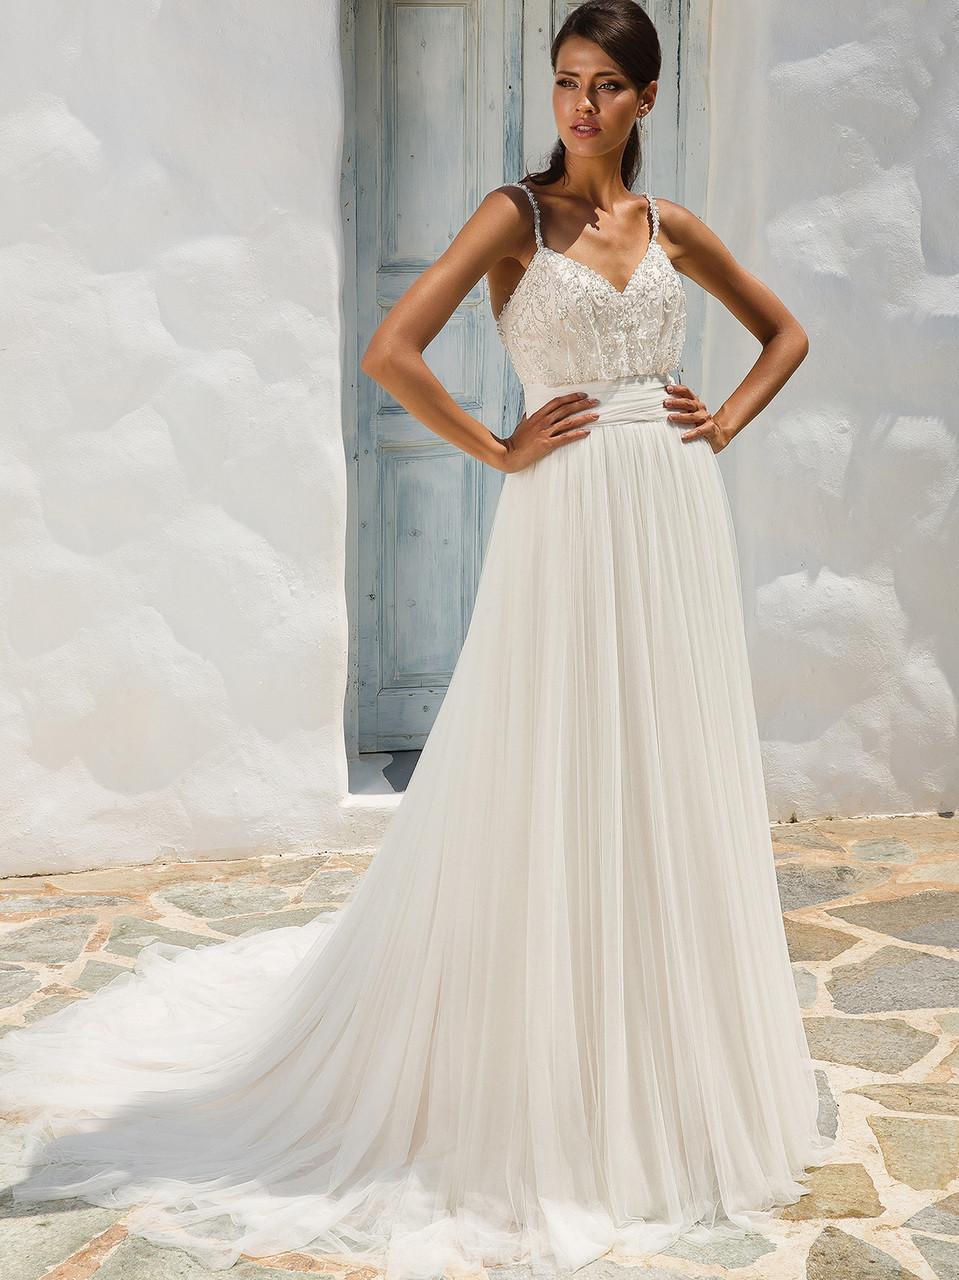 dda0a0ac1c Justin Alexander 8956 Spaghetti Straps A-line Wedding Dress ...